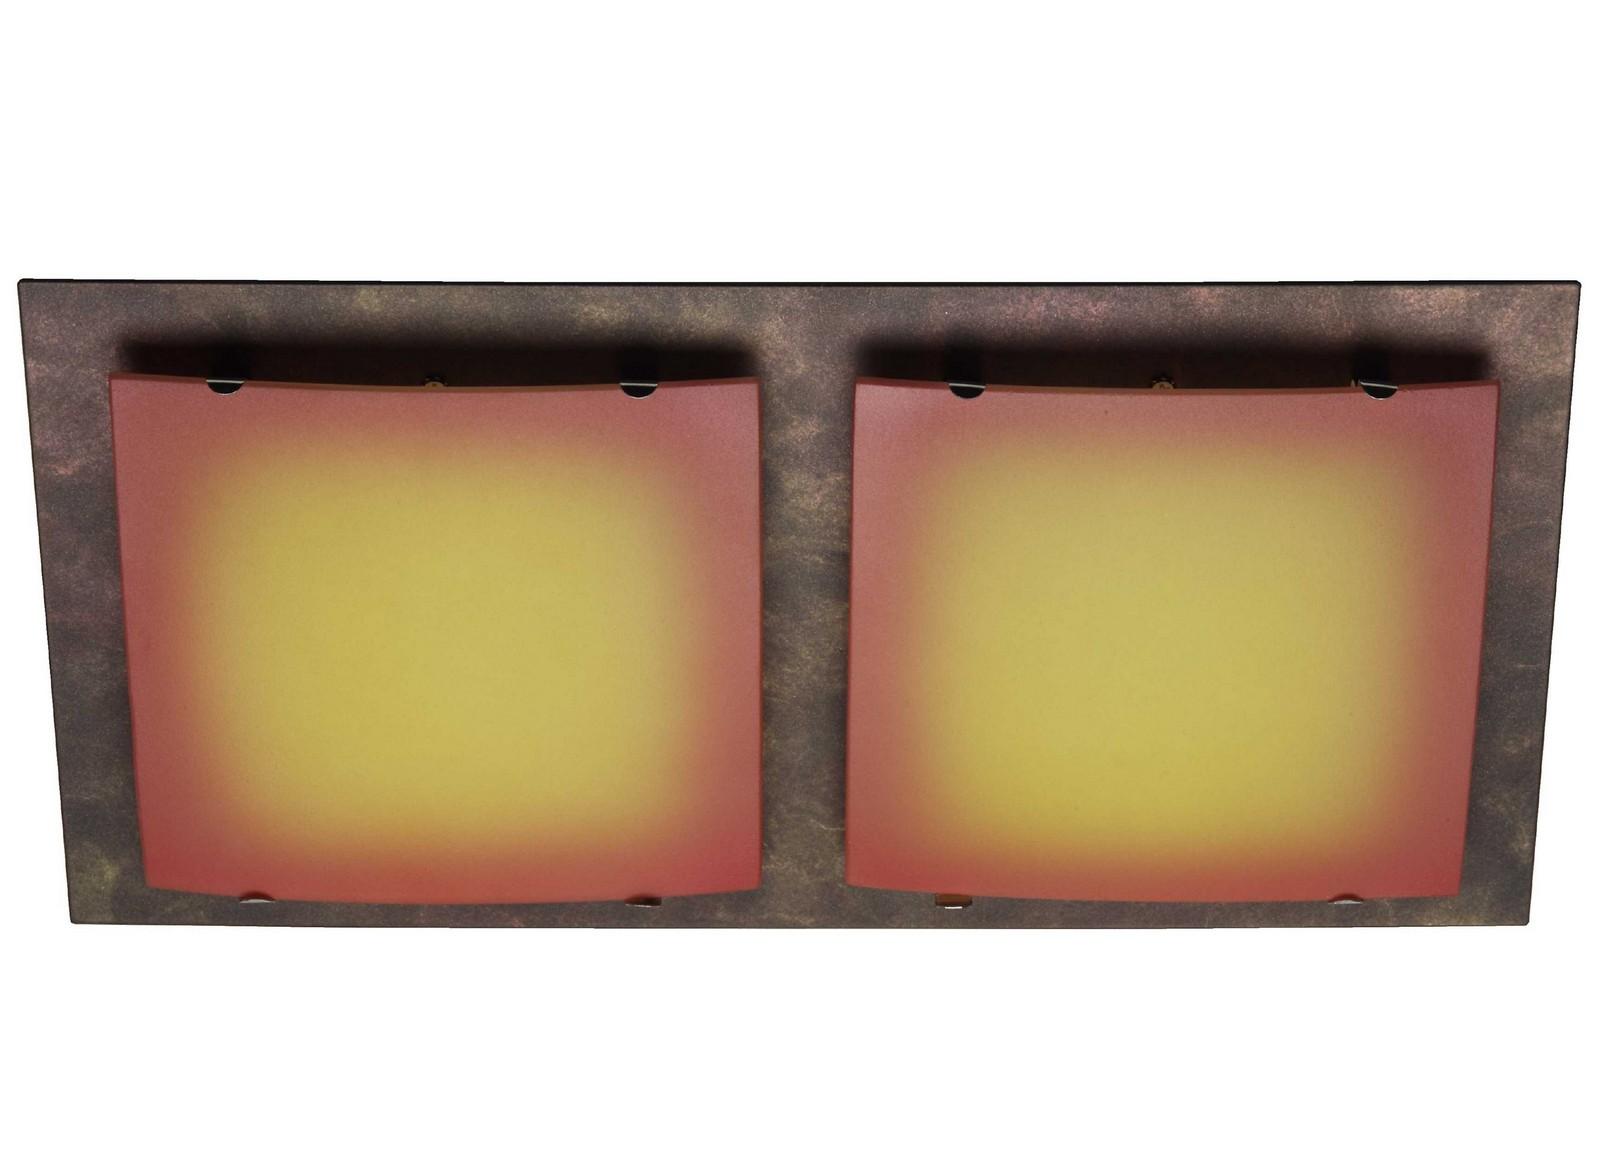 Светильник потолочный SquareПотолочные светильники<br>&amp;lt;div&amp;gt;Вид цоколя: G9&amp;lt;/div&amp;gt;&amp;lt;div&amp;gt;Мощность ламп: 40W&amp;lt;/div&amp;gt;&amp;lt;div&amp;gt;Количество ламп: 2&amp;lt;/div&amp;gt;&amp;lt;div&amp;gt;Наличие ламп: есть&amp;lt;/div&amp;gt;&amp;lt;div&amp;gt;Степень пылевлагозащиты: IP20&amp;lt;/div&amp;gt;&amp;lt;div&amp;gt;&amp;lt;/div&amp;gt;<br><br>Material: Стекло<br>Width см: 36<br>Depth см: 19<br>Height см: 5